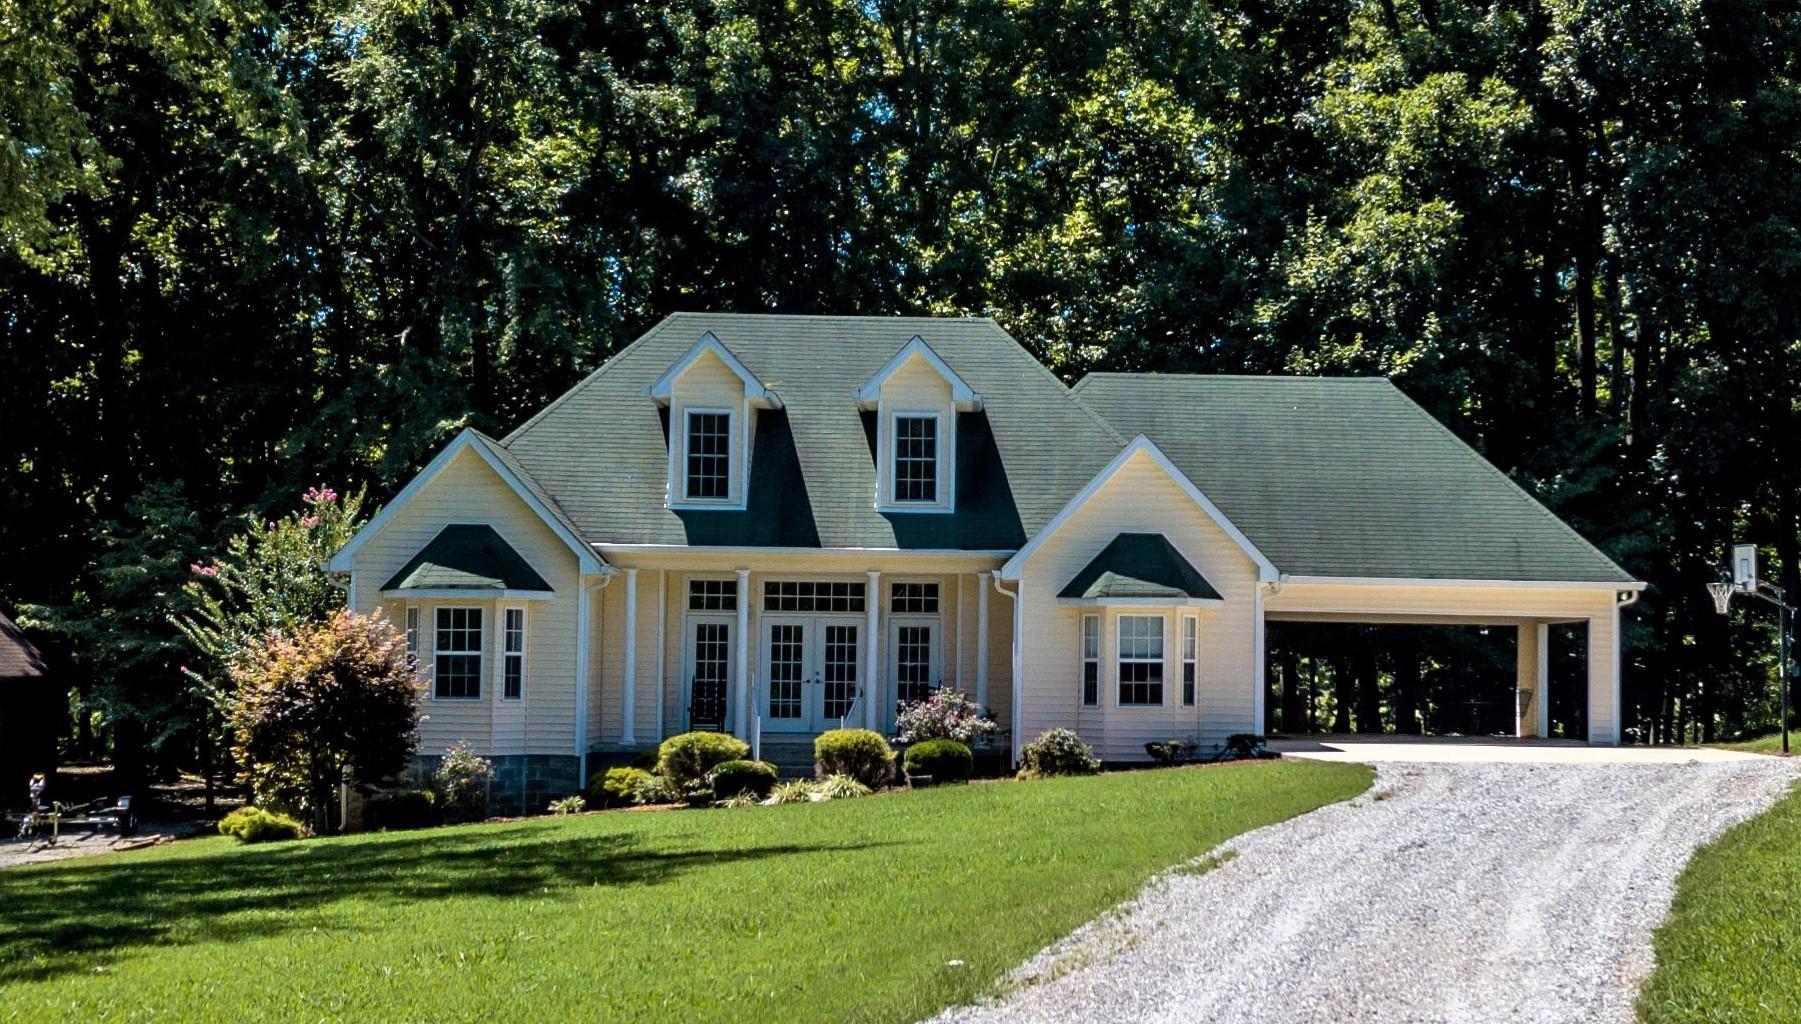 725 Wildwood Trce, Estill Springs, TN 37330 - Estill Springs, TN real estate listing